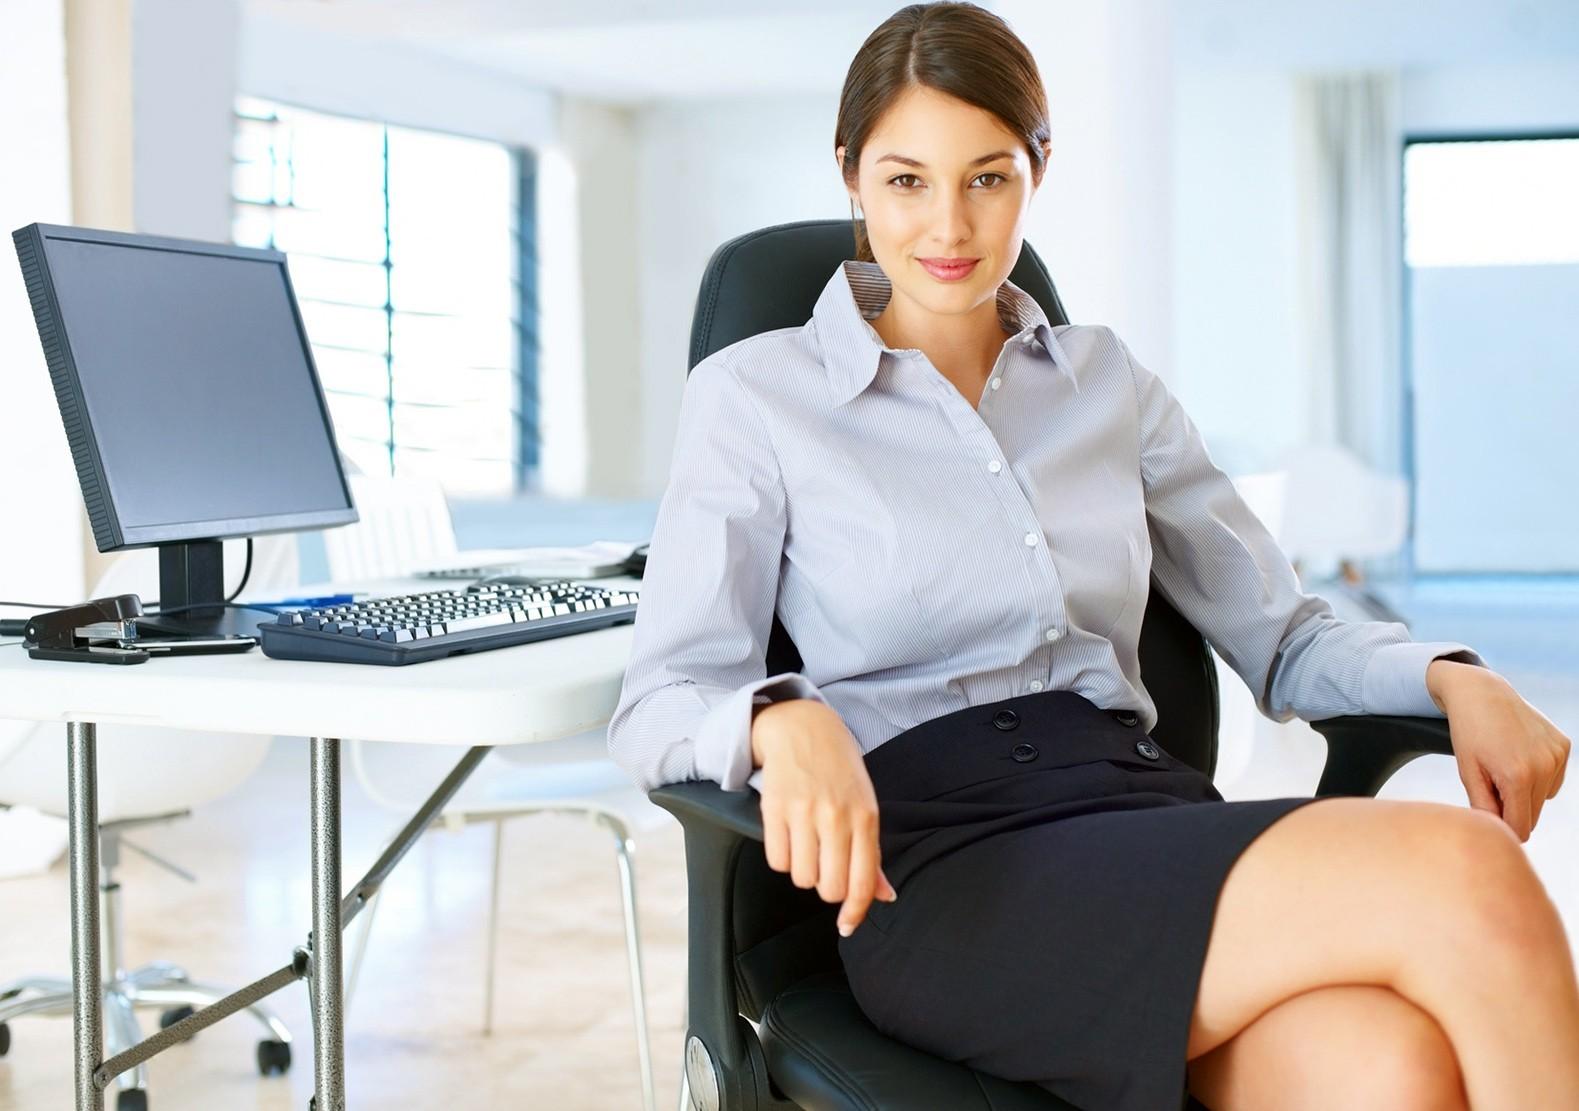 фото жены на работе - 13